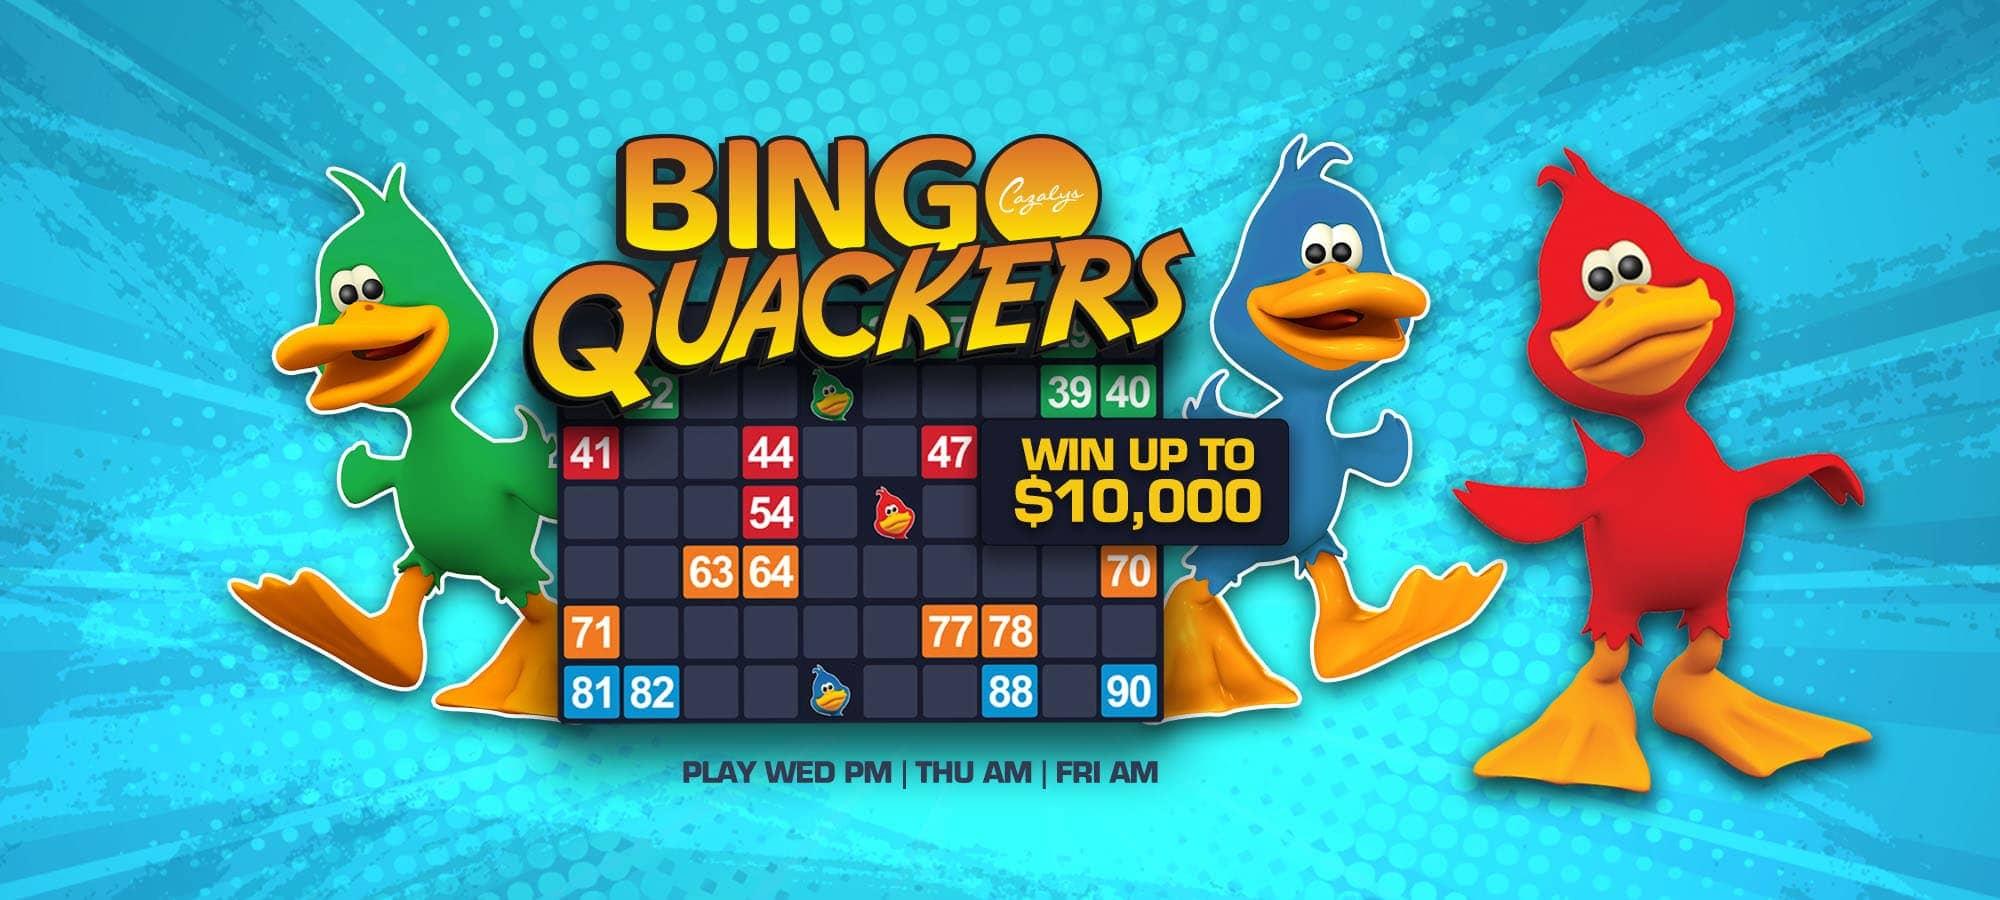 Bingo Cairns